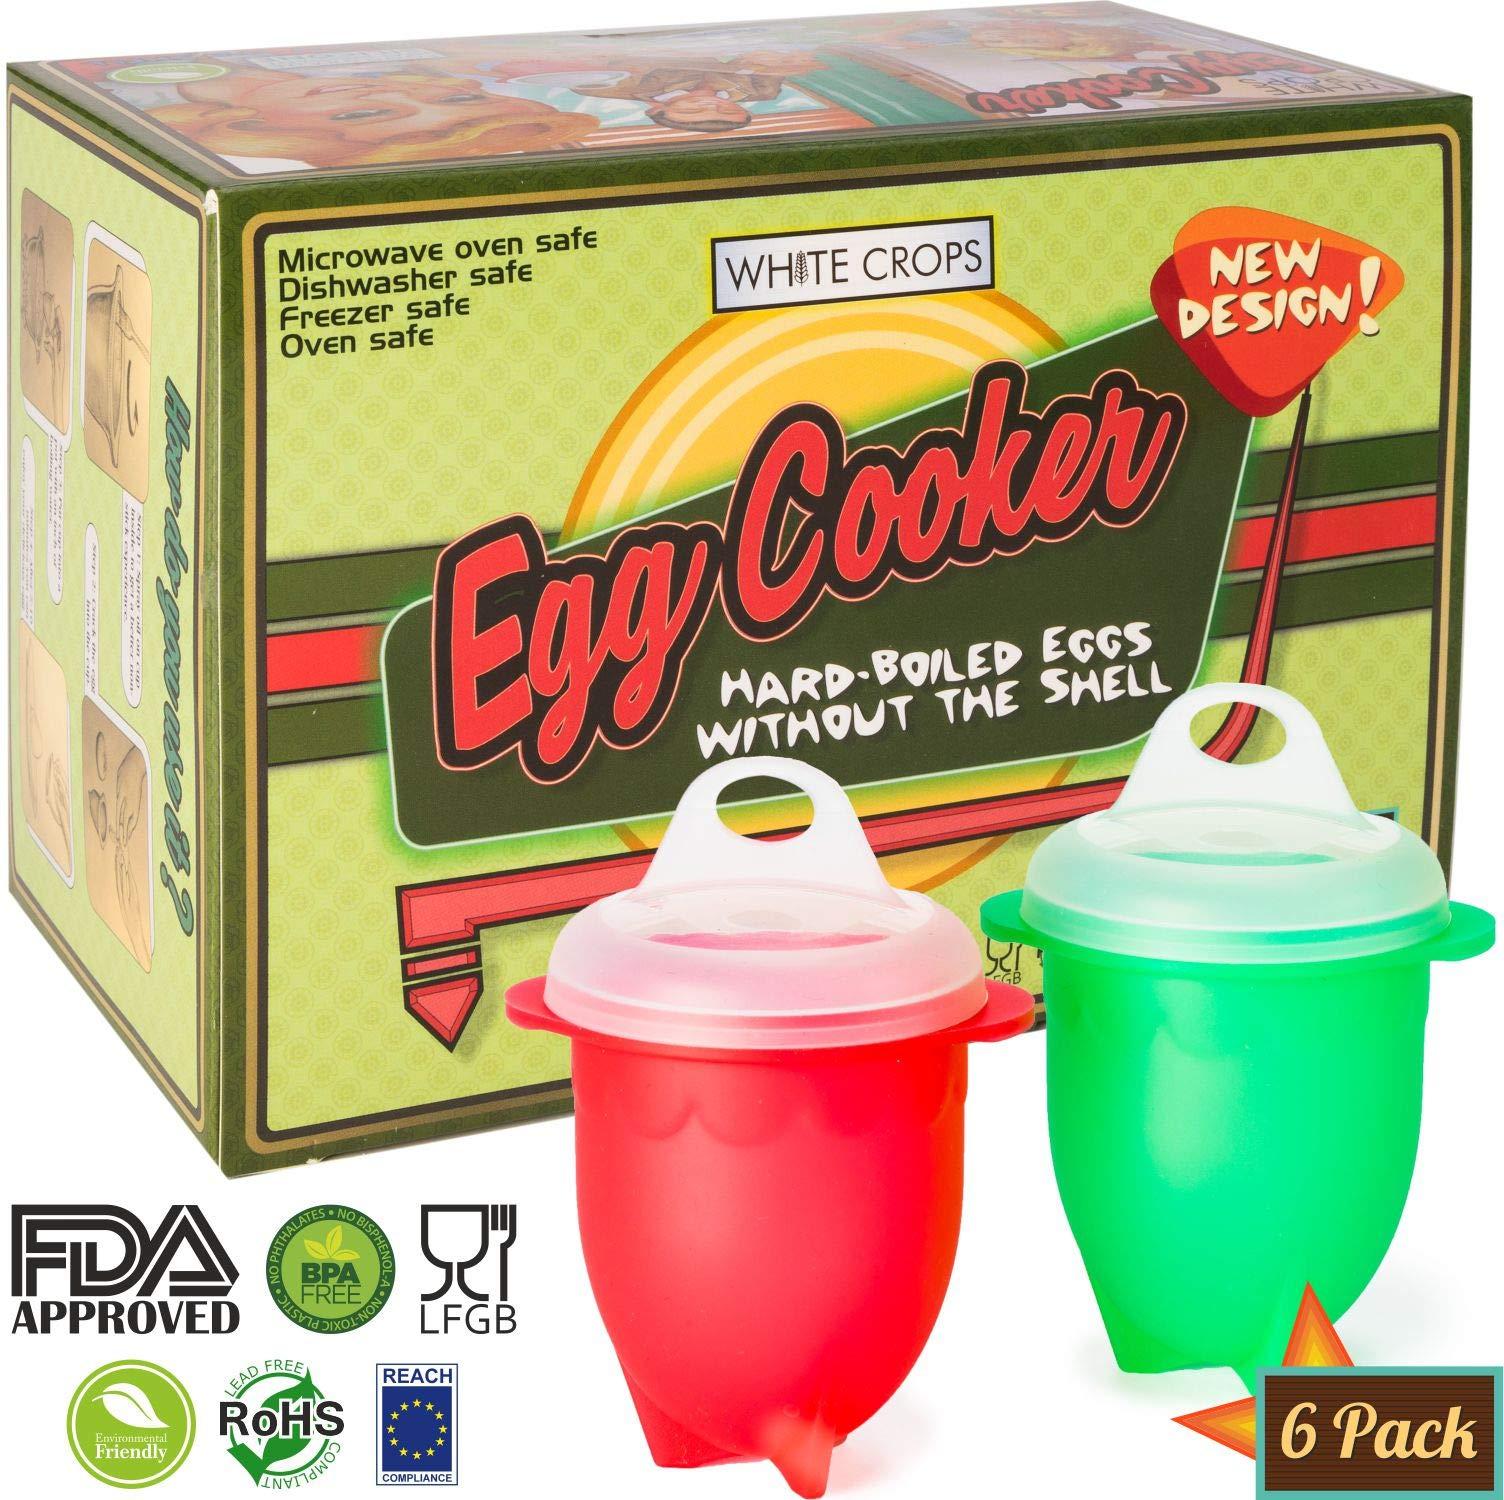 Egg Cooker Egg Poacher - Hard Boiled Egg Maker, Egg Boiler, Silicone Egg Cooker Microwave Egg Cooker